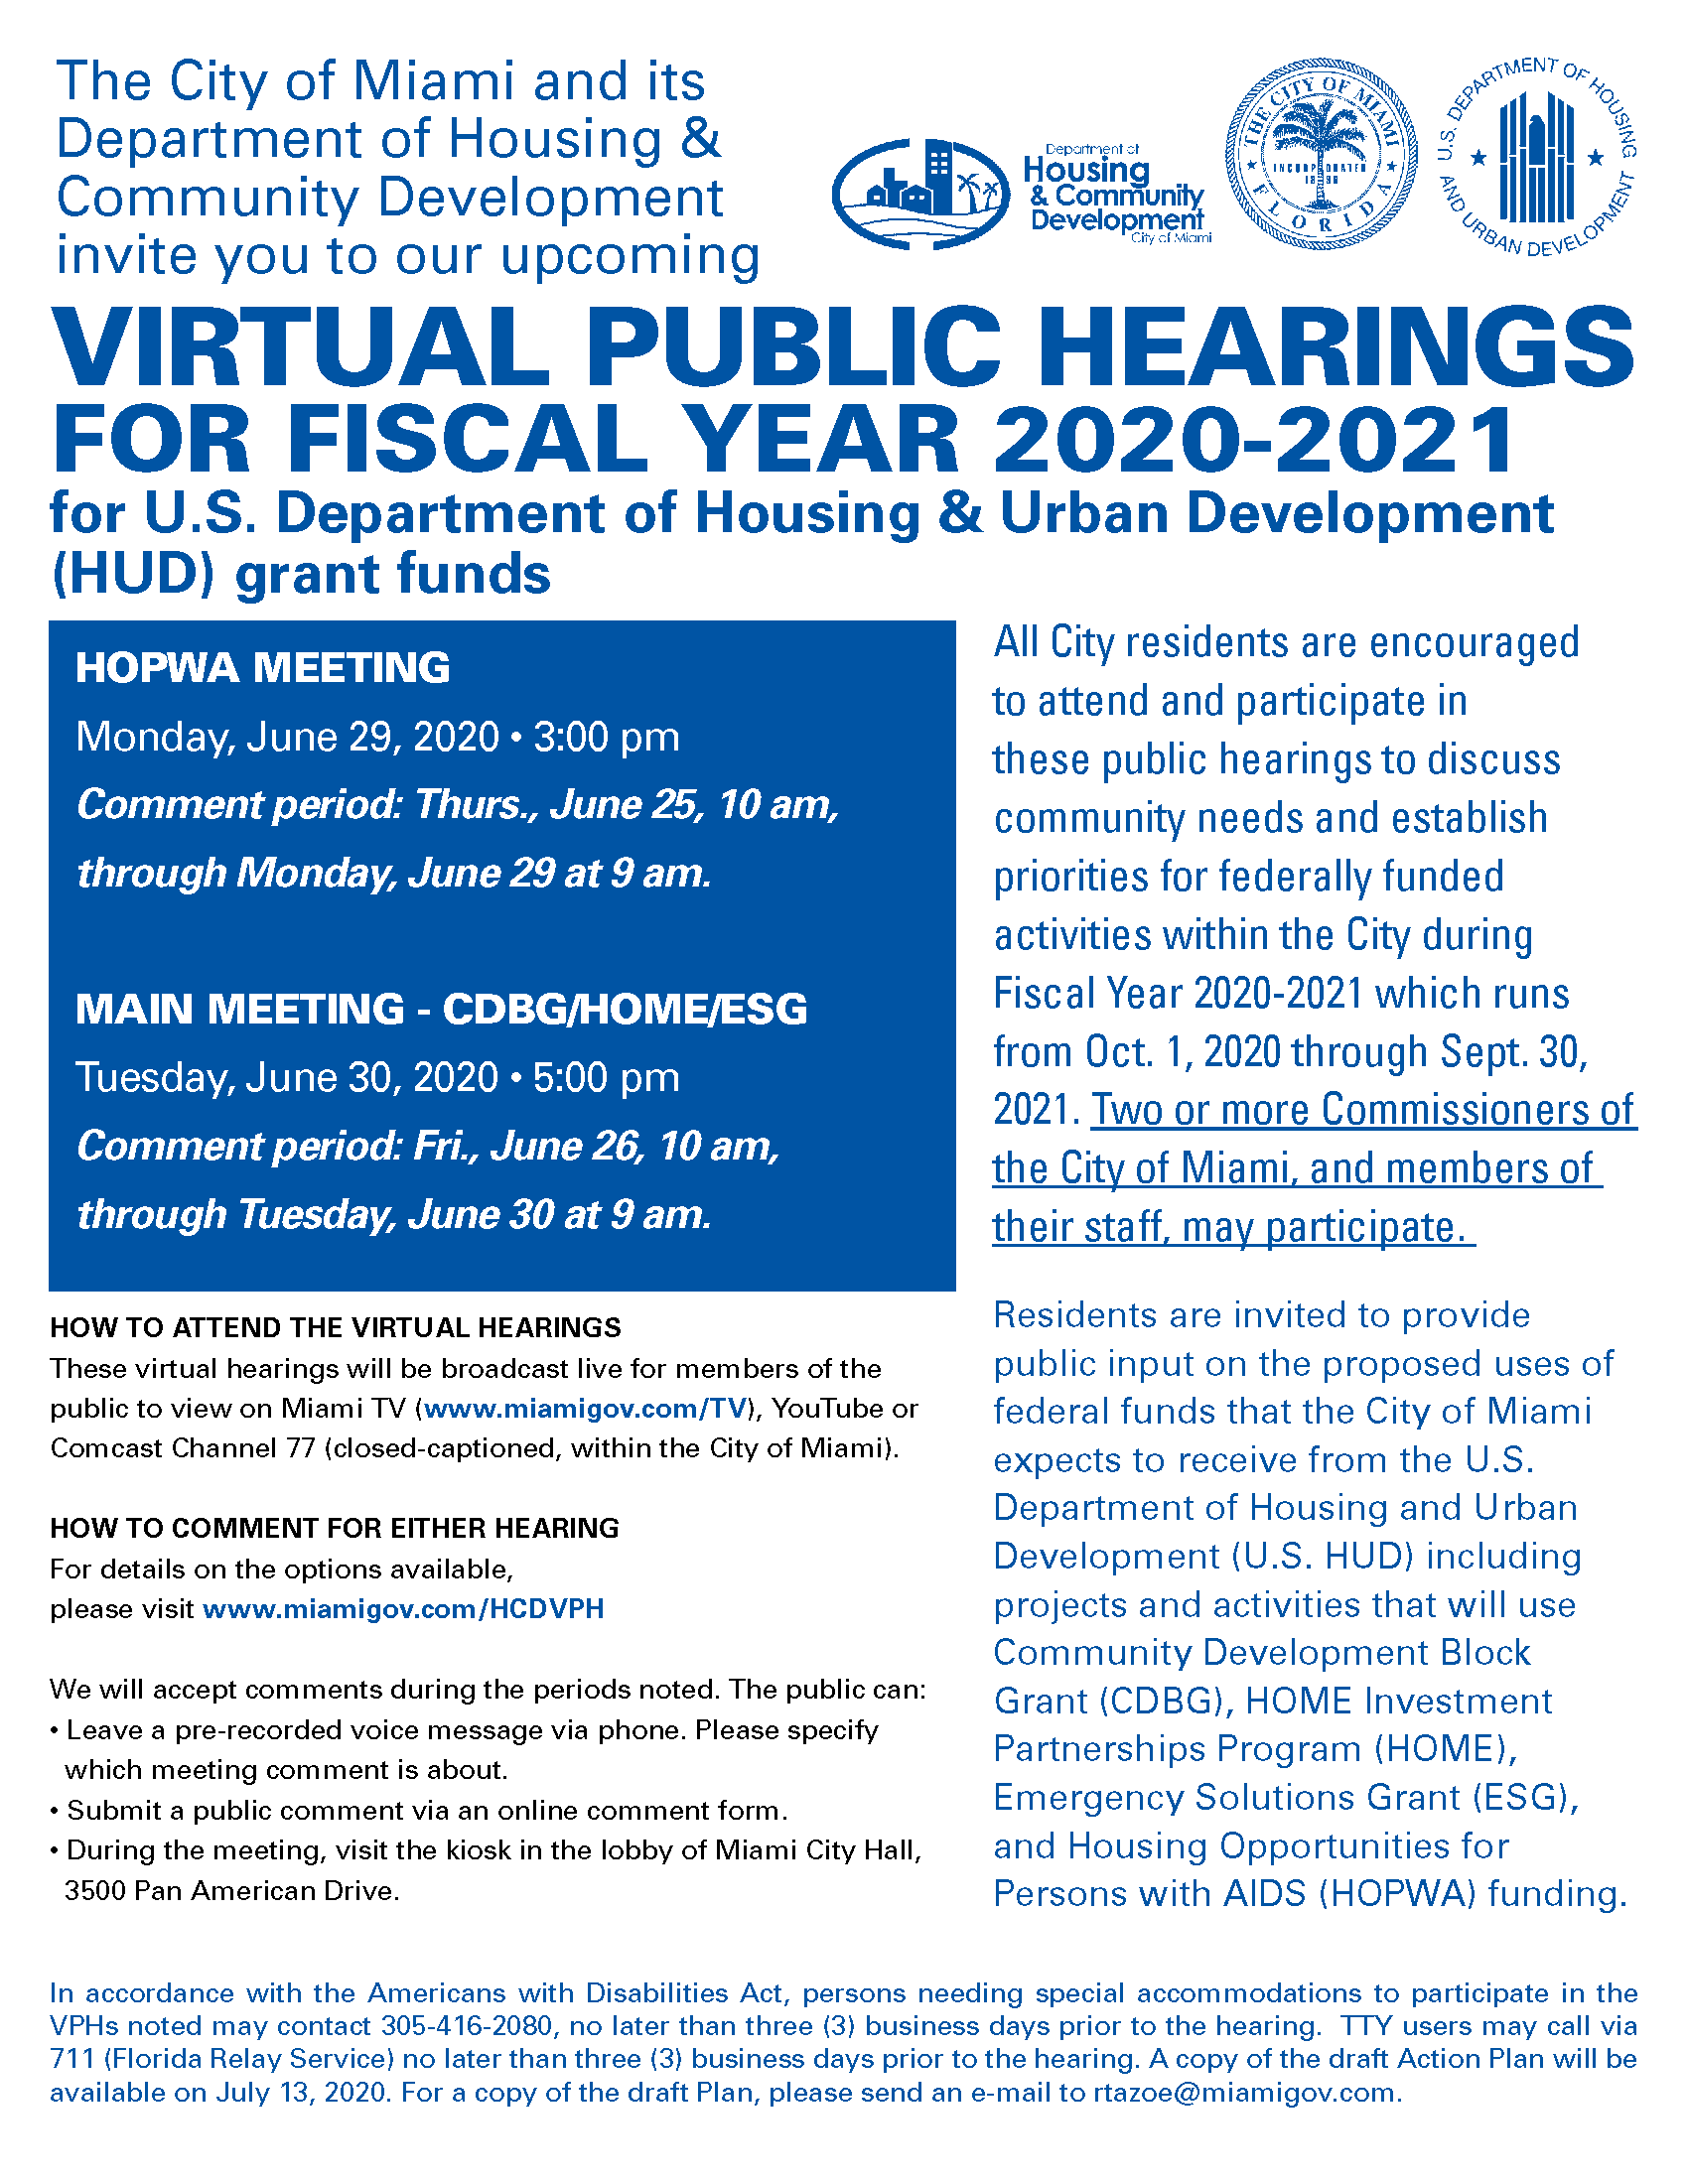 ActionPlan public hearing flyer 2020-2021